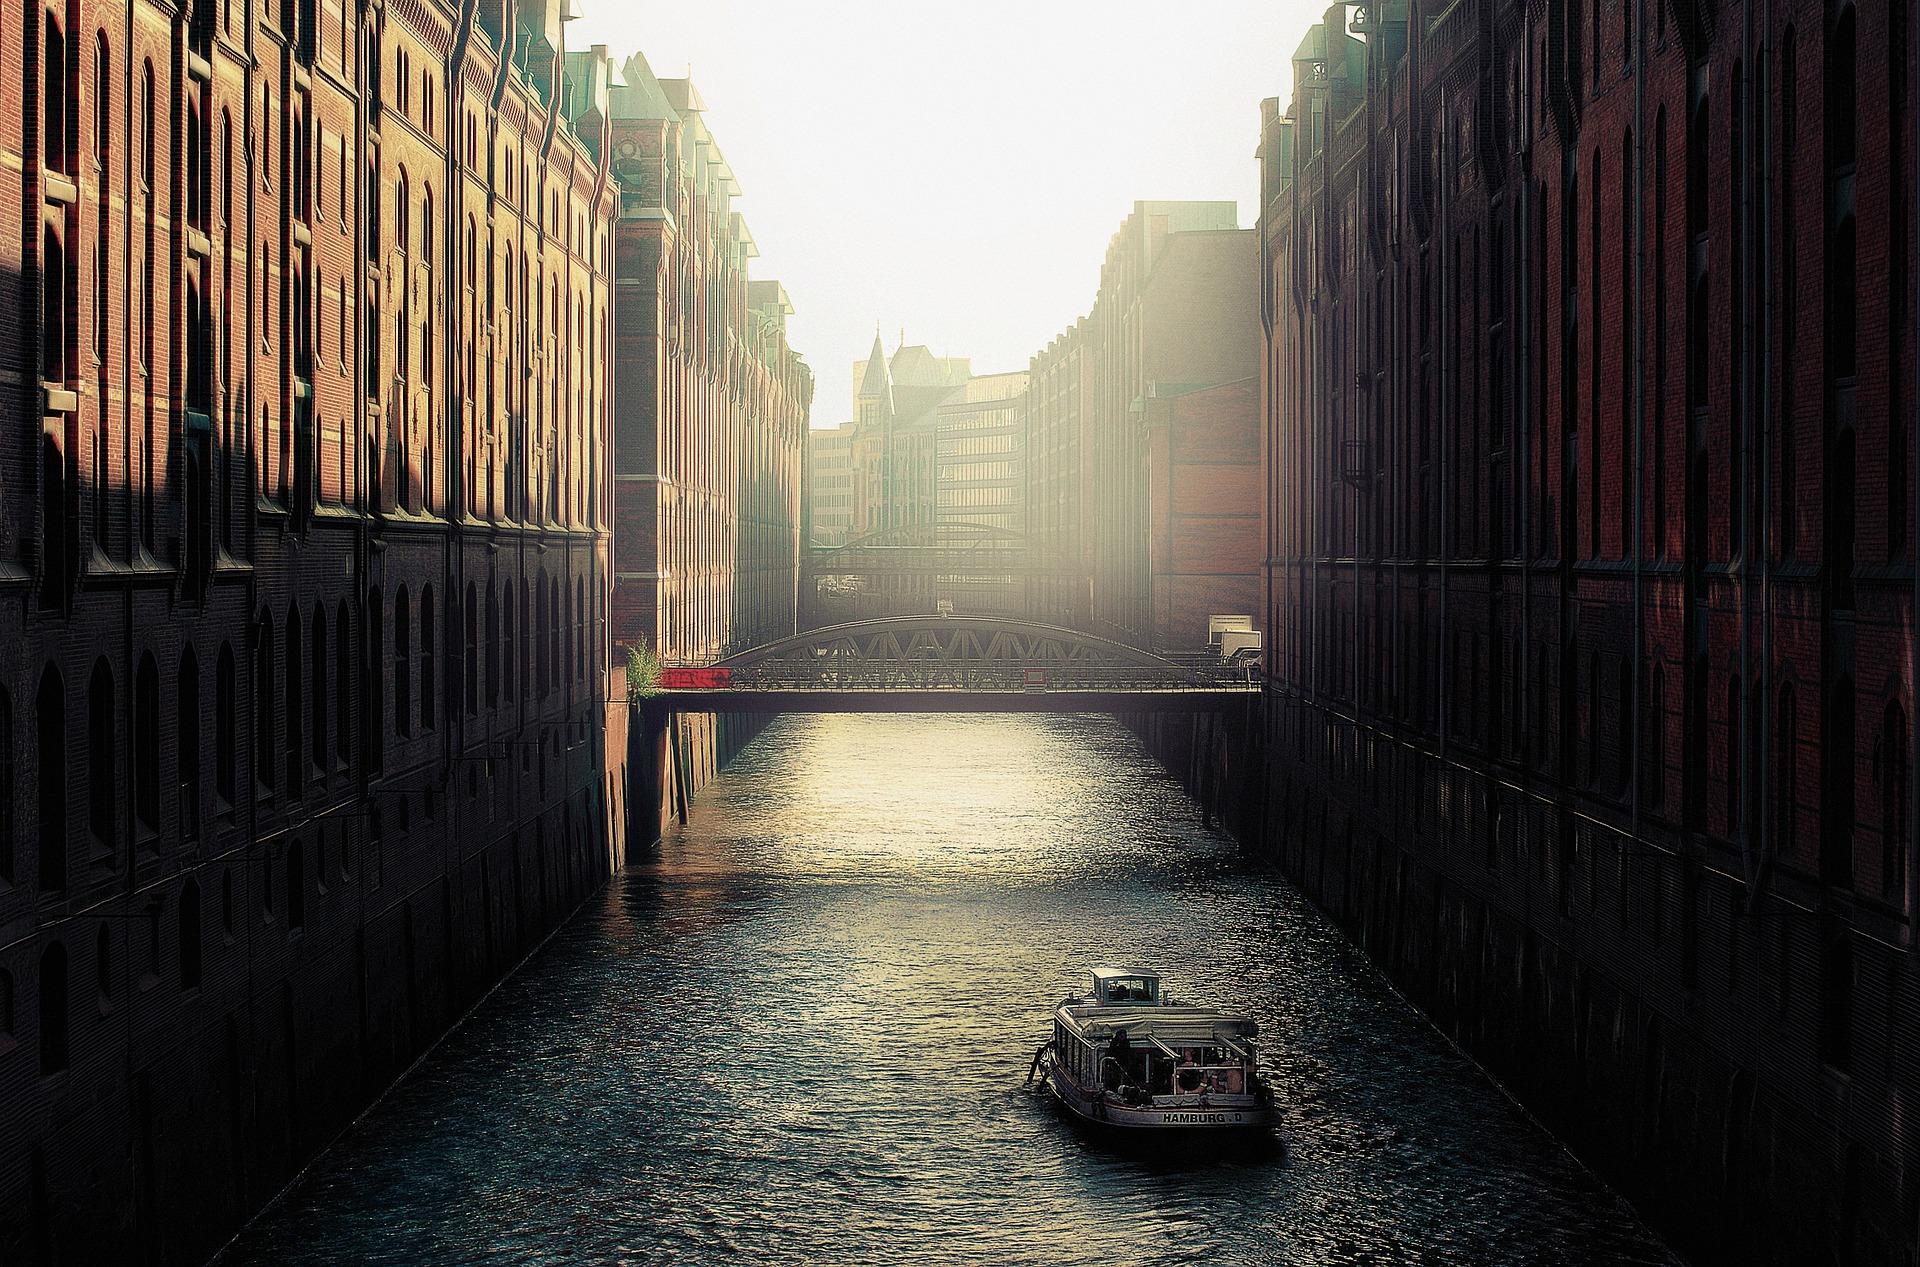 Miete oder Kauf in Hamburg? St. Georg im Fokus